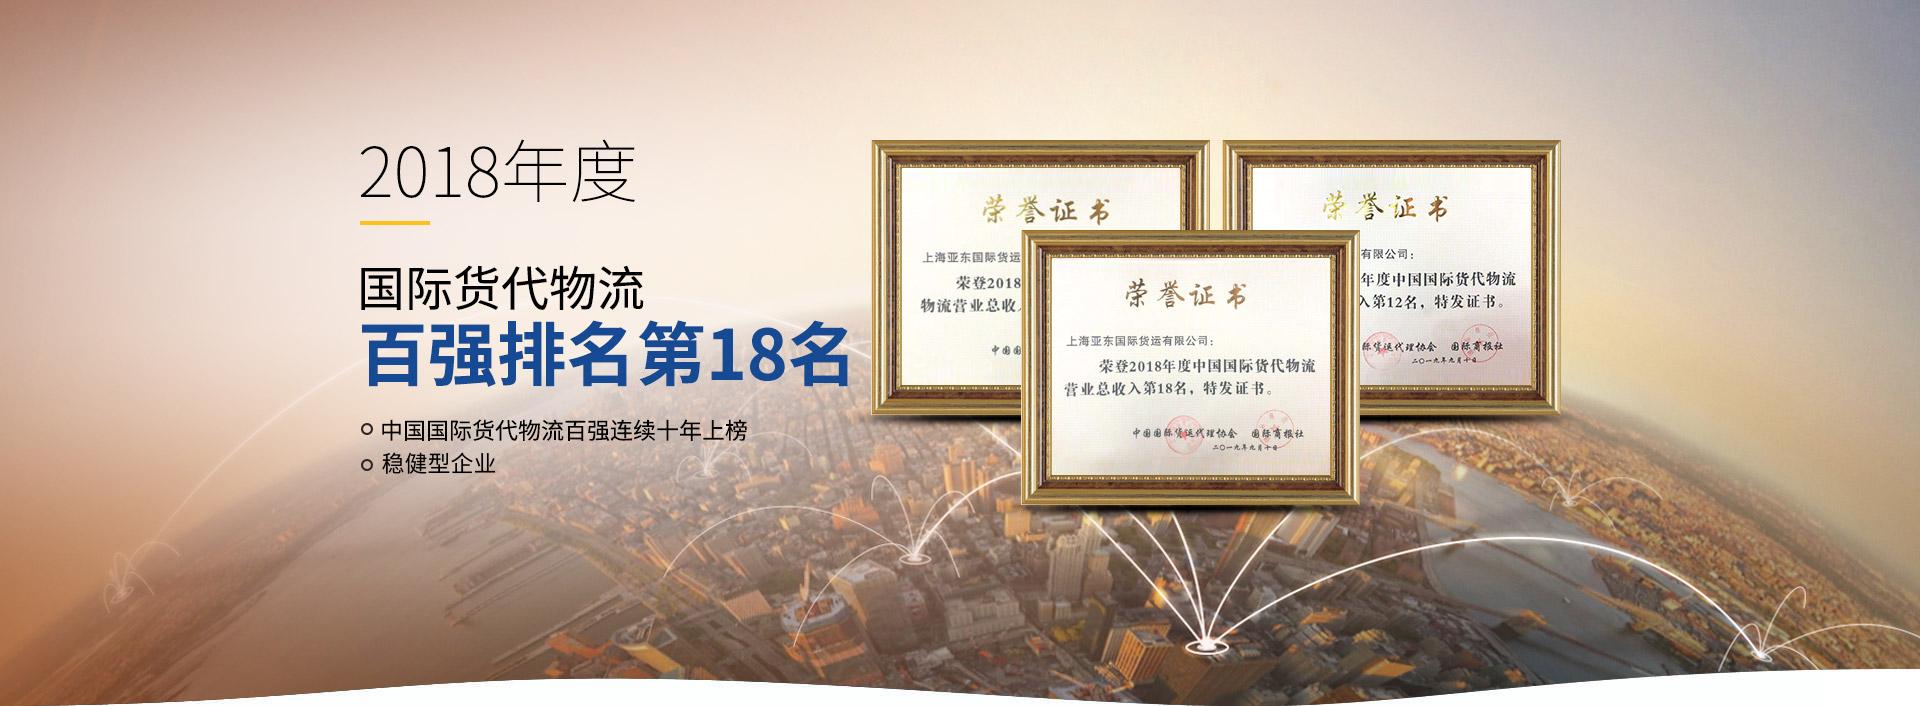 亚东供应链-国际货代物流百强排名第18名